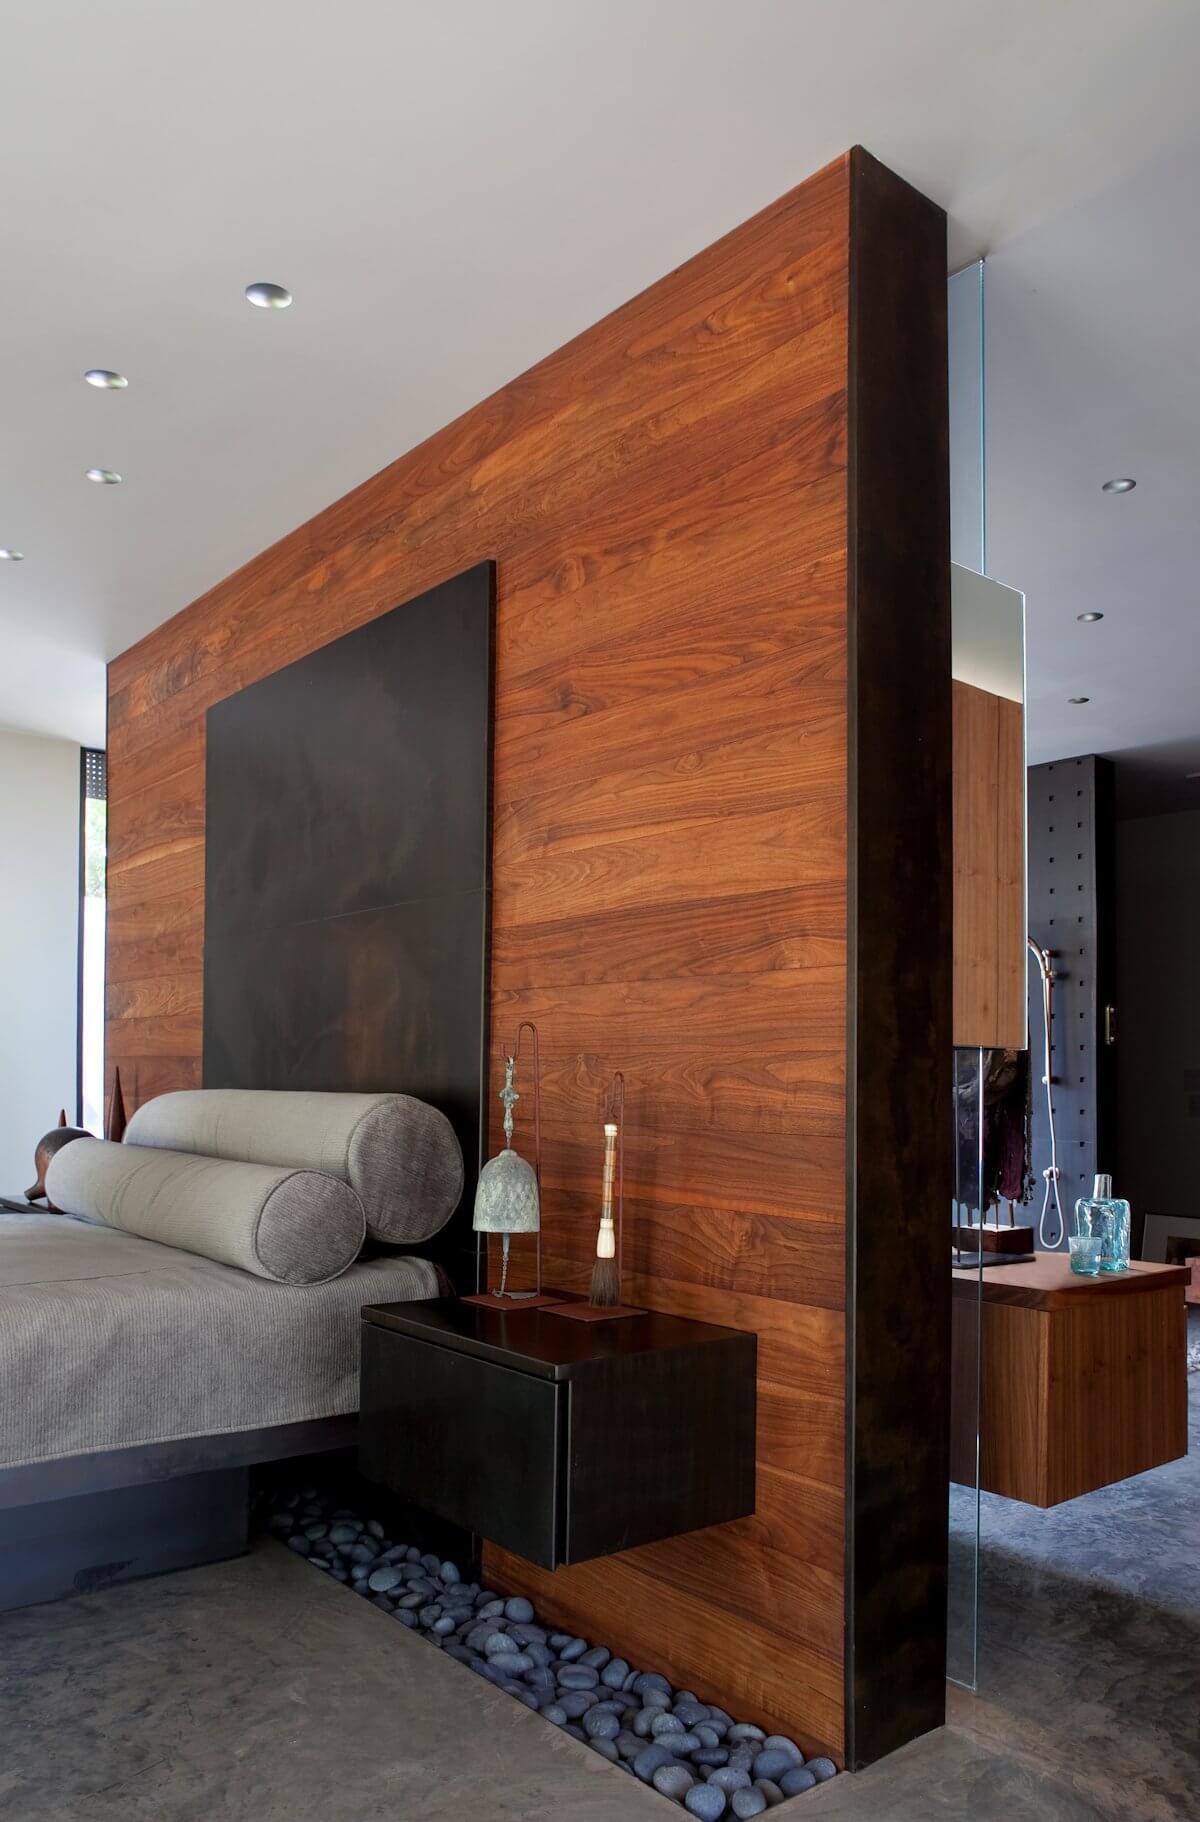 Mur de bois Zen Divider